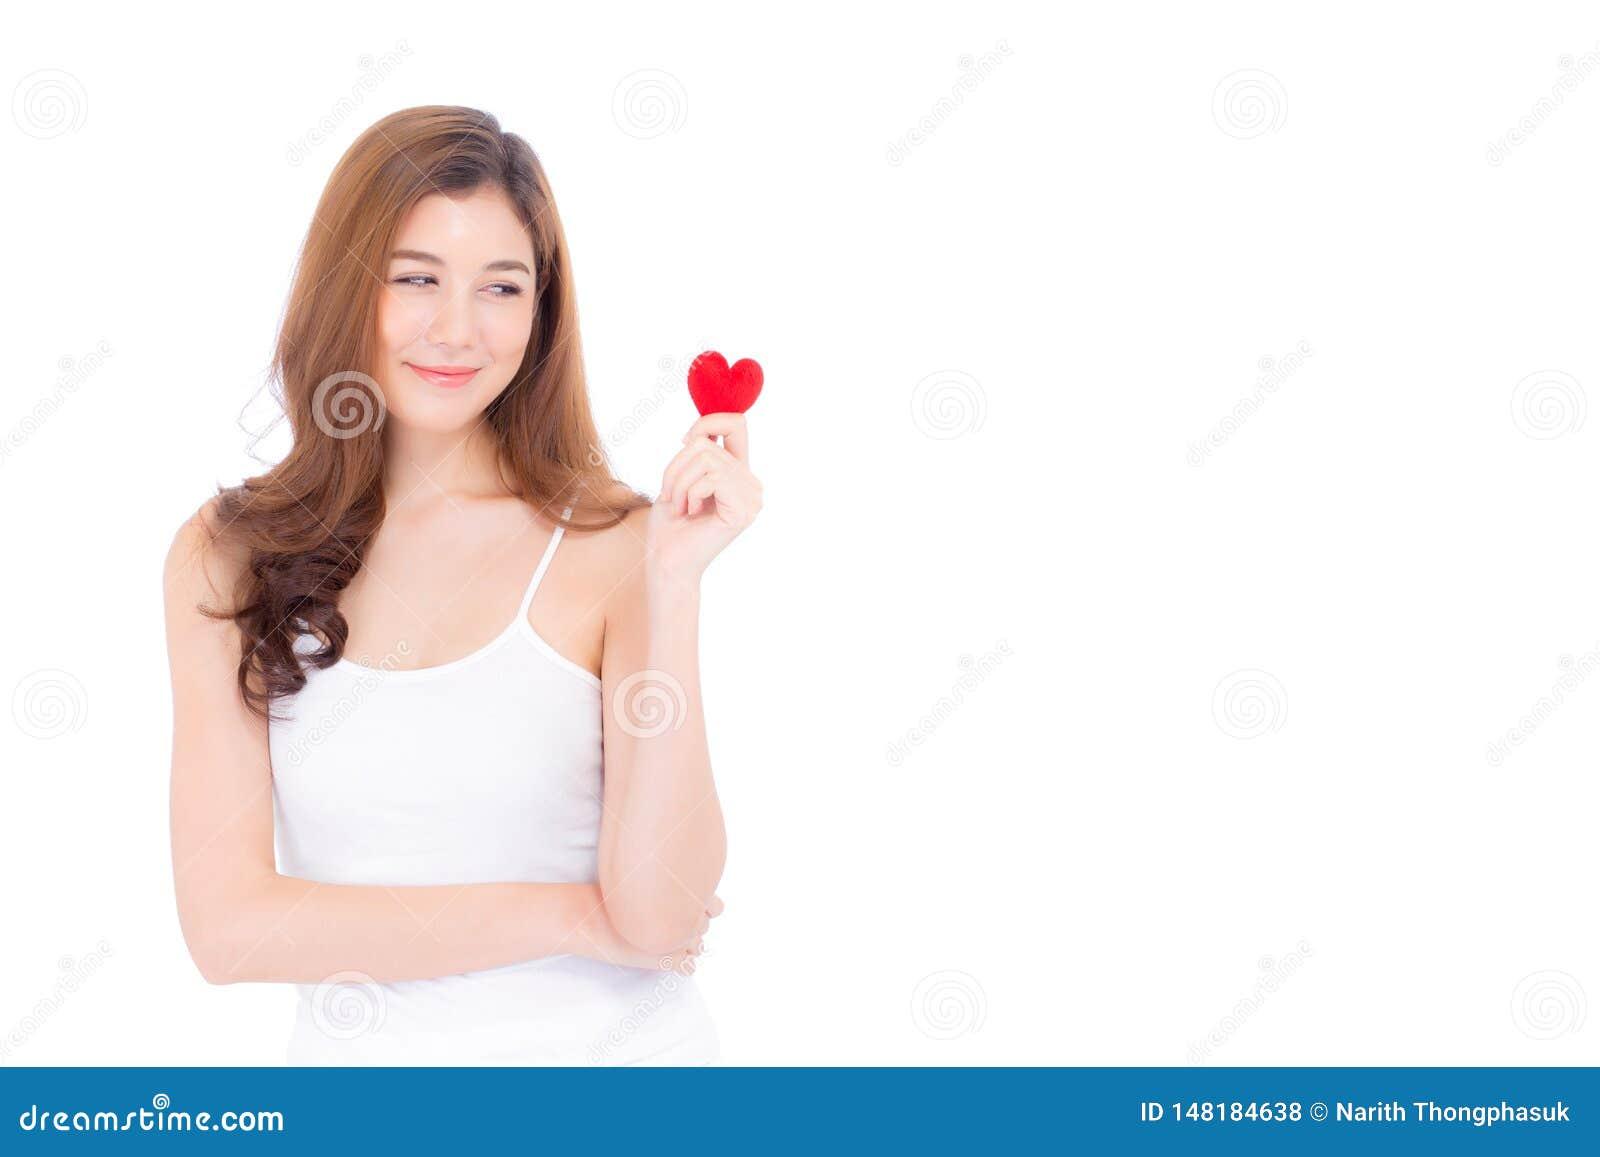 Retrato de la mujer joven asi?tica hermosa que celebra la almohada roja y la sonrisa de la forma del coraz?n aislado en el fondo